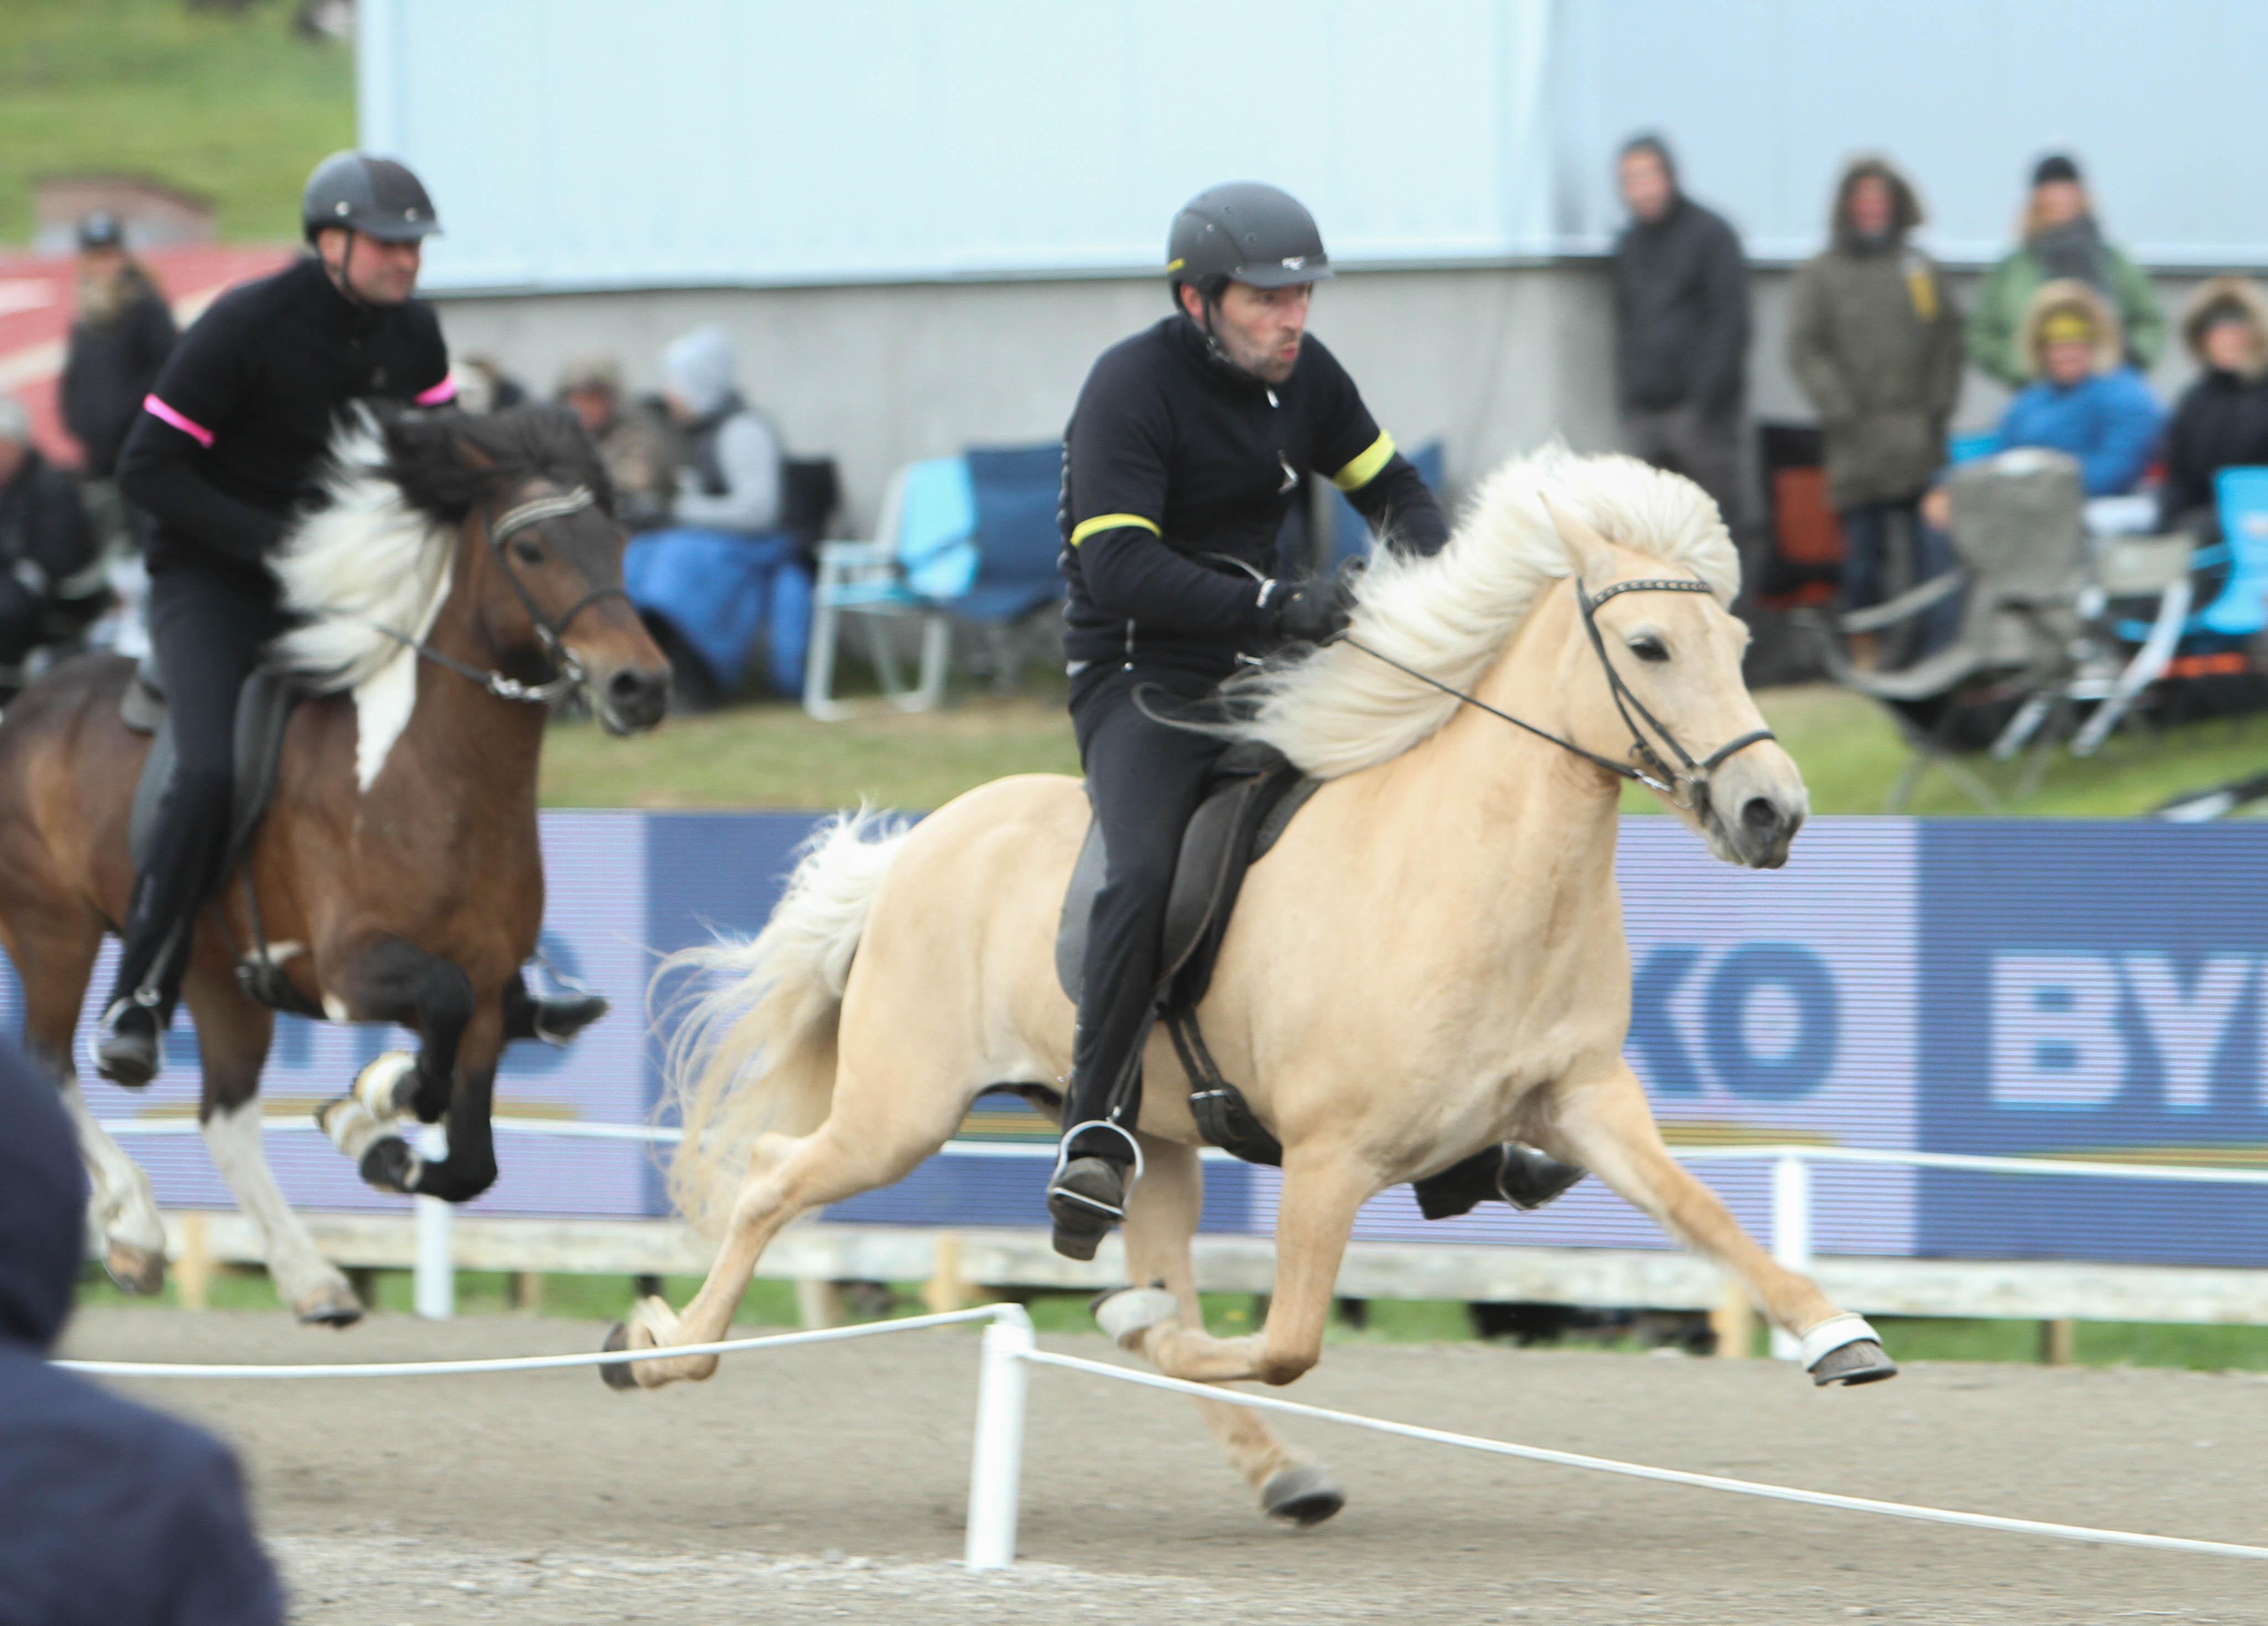 Tävlingens allra sista race blev avgörande. Árni Björn och Korka höll passen hela vägen och förbättrade sin tid till 13,86 vilket ledde till seger! Foto: Karin Cederman/Ishestnews.se